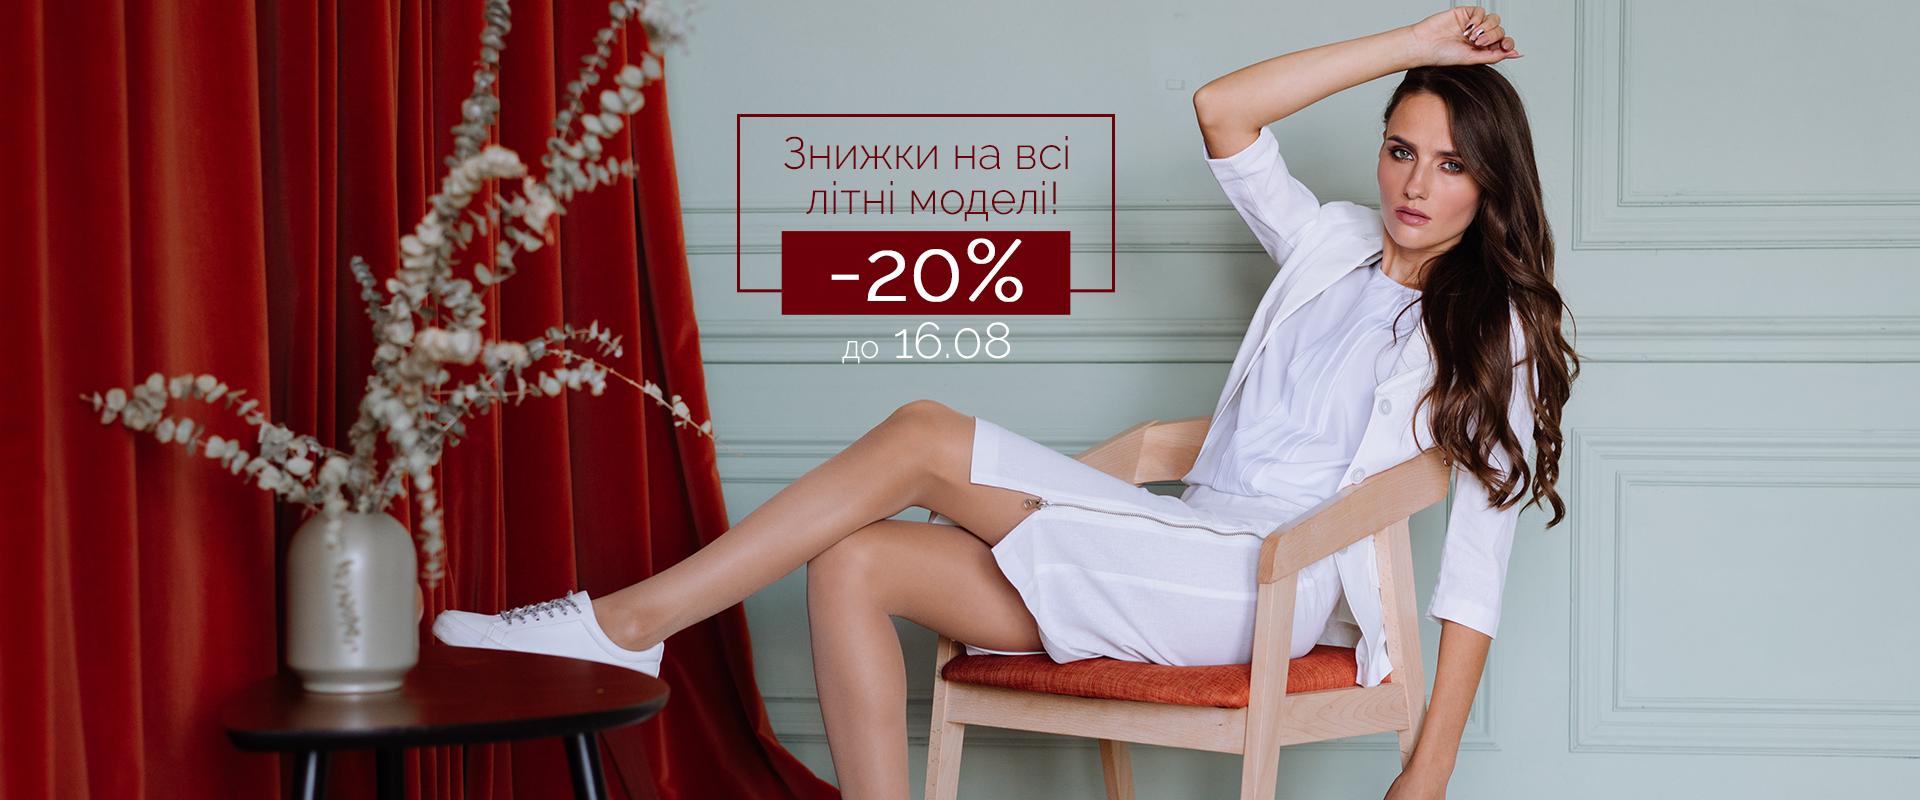 Деловая женская одежда ТМ Ольга Егорова